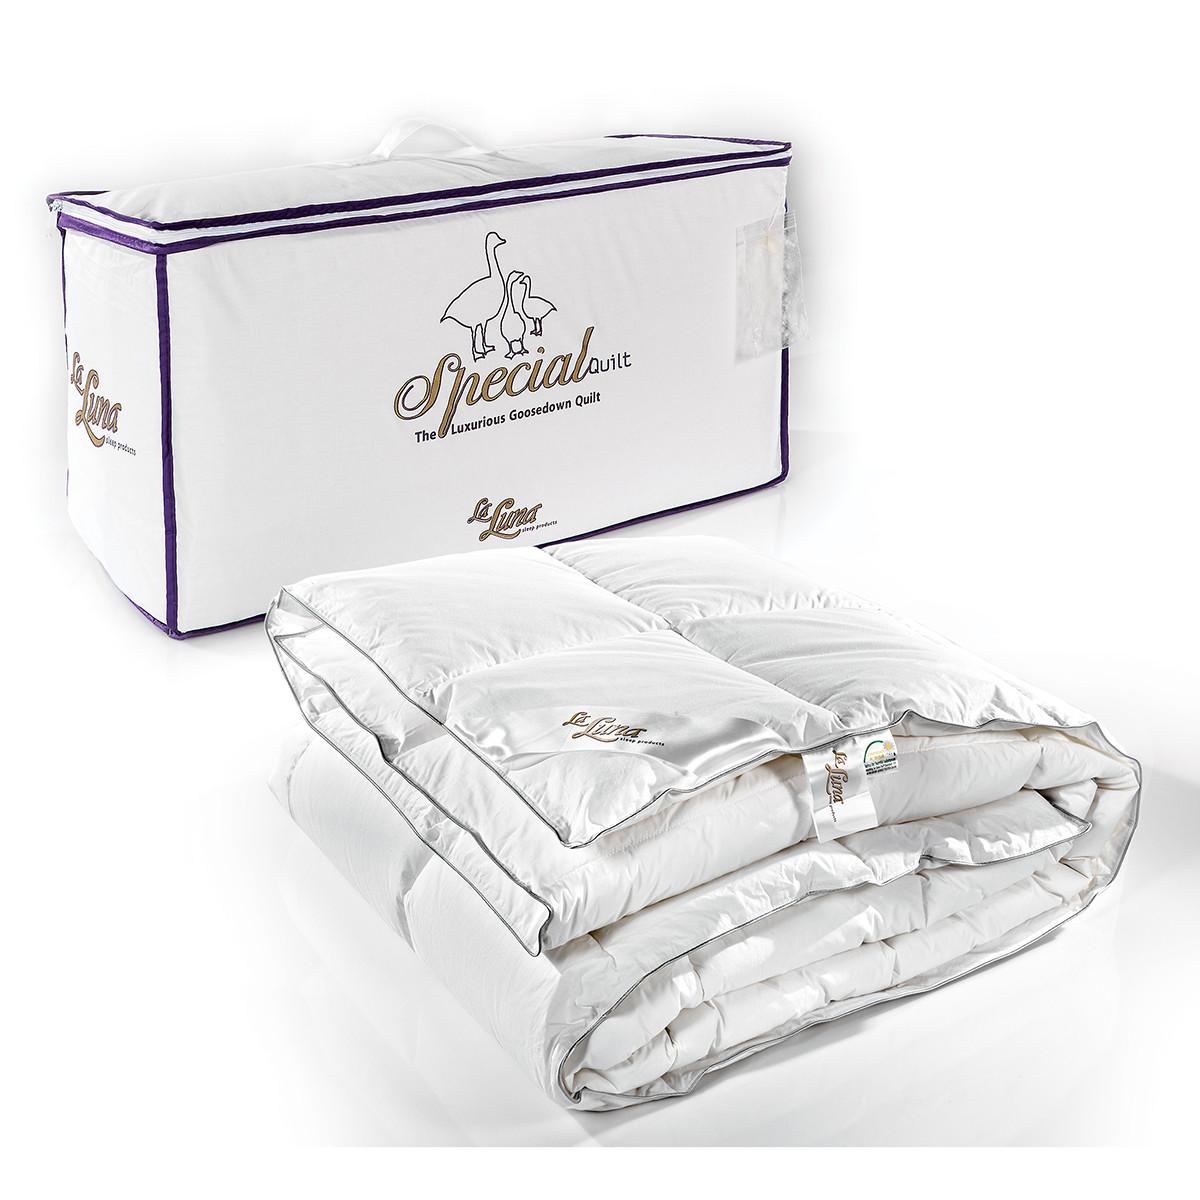 Πάπλωμα Πουπουλένιο Υπέρδιπλο La Luna Special 95/5 home   κρεβατοκάμαρα   παπλώματα   παπλώματα πουπουλένια